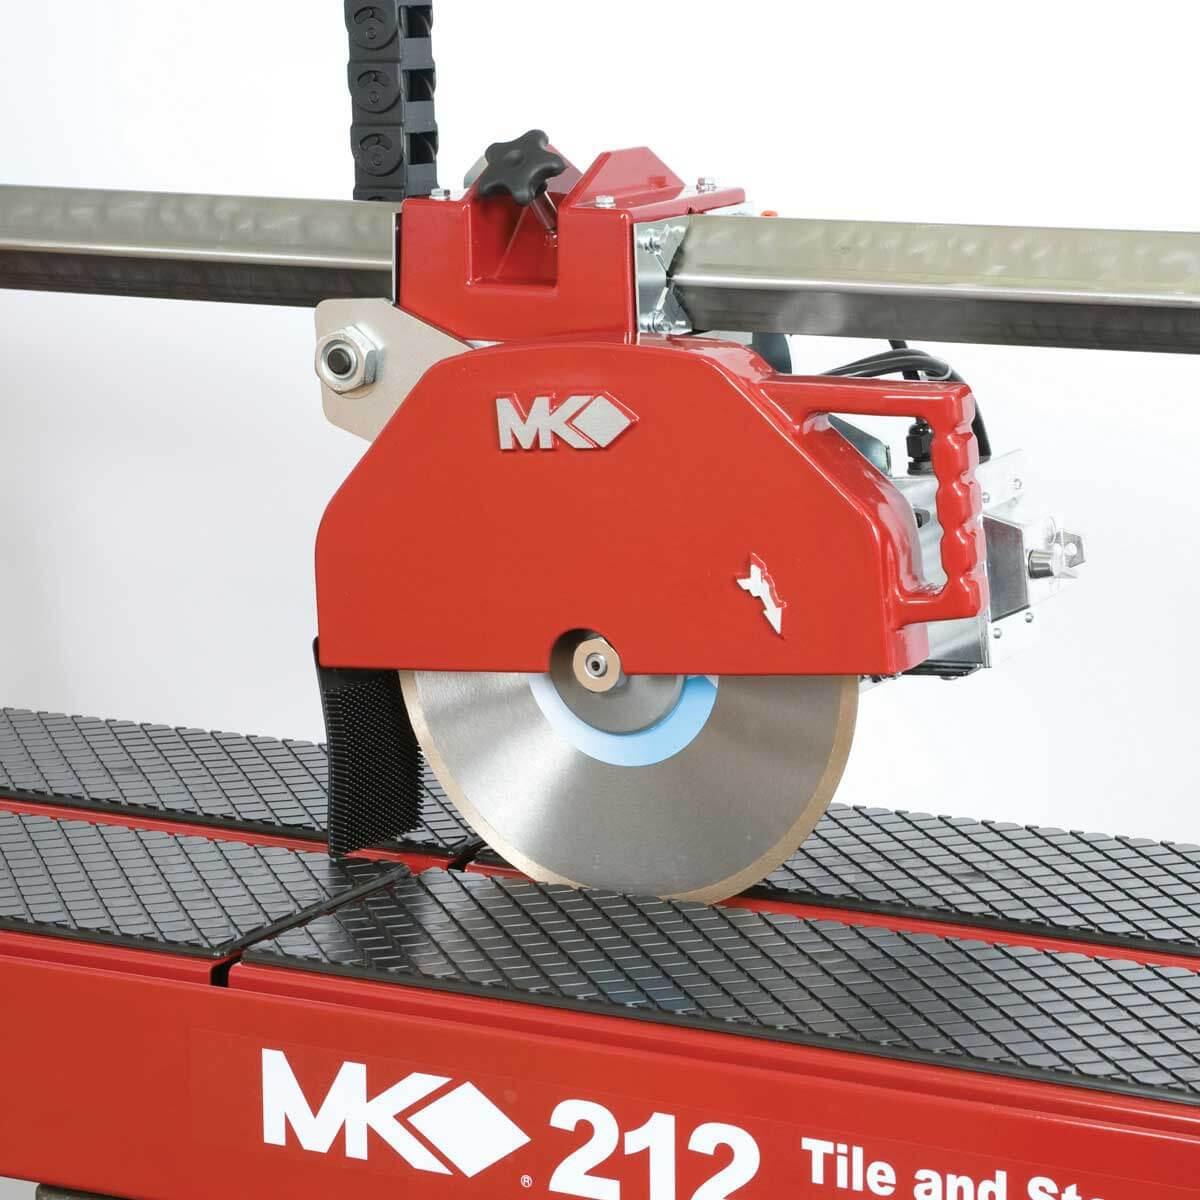 mk diamond rail saw mk-212-4